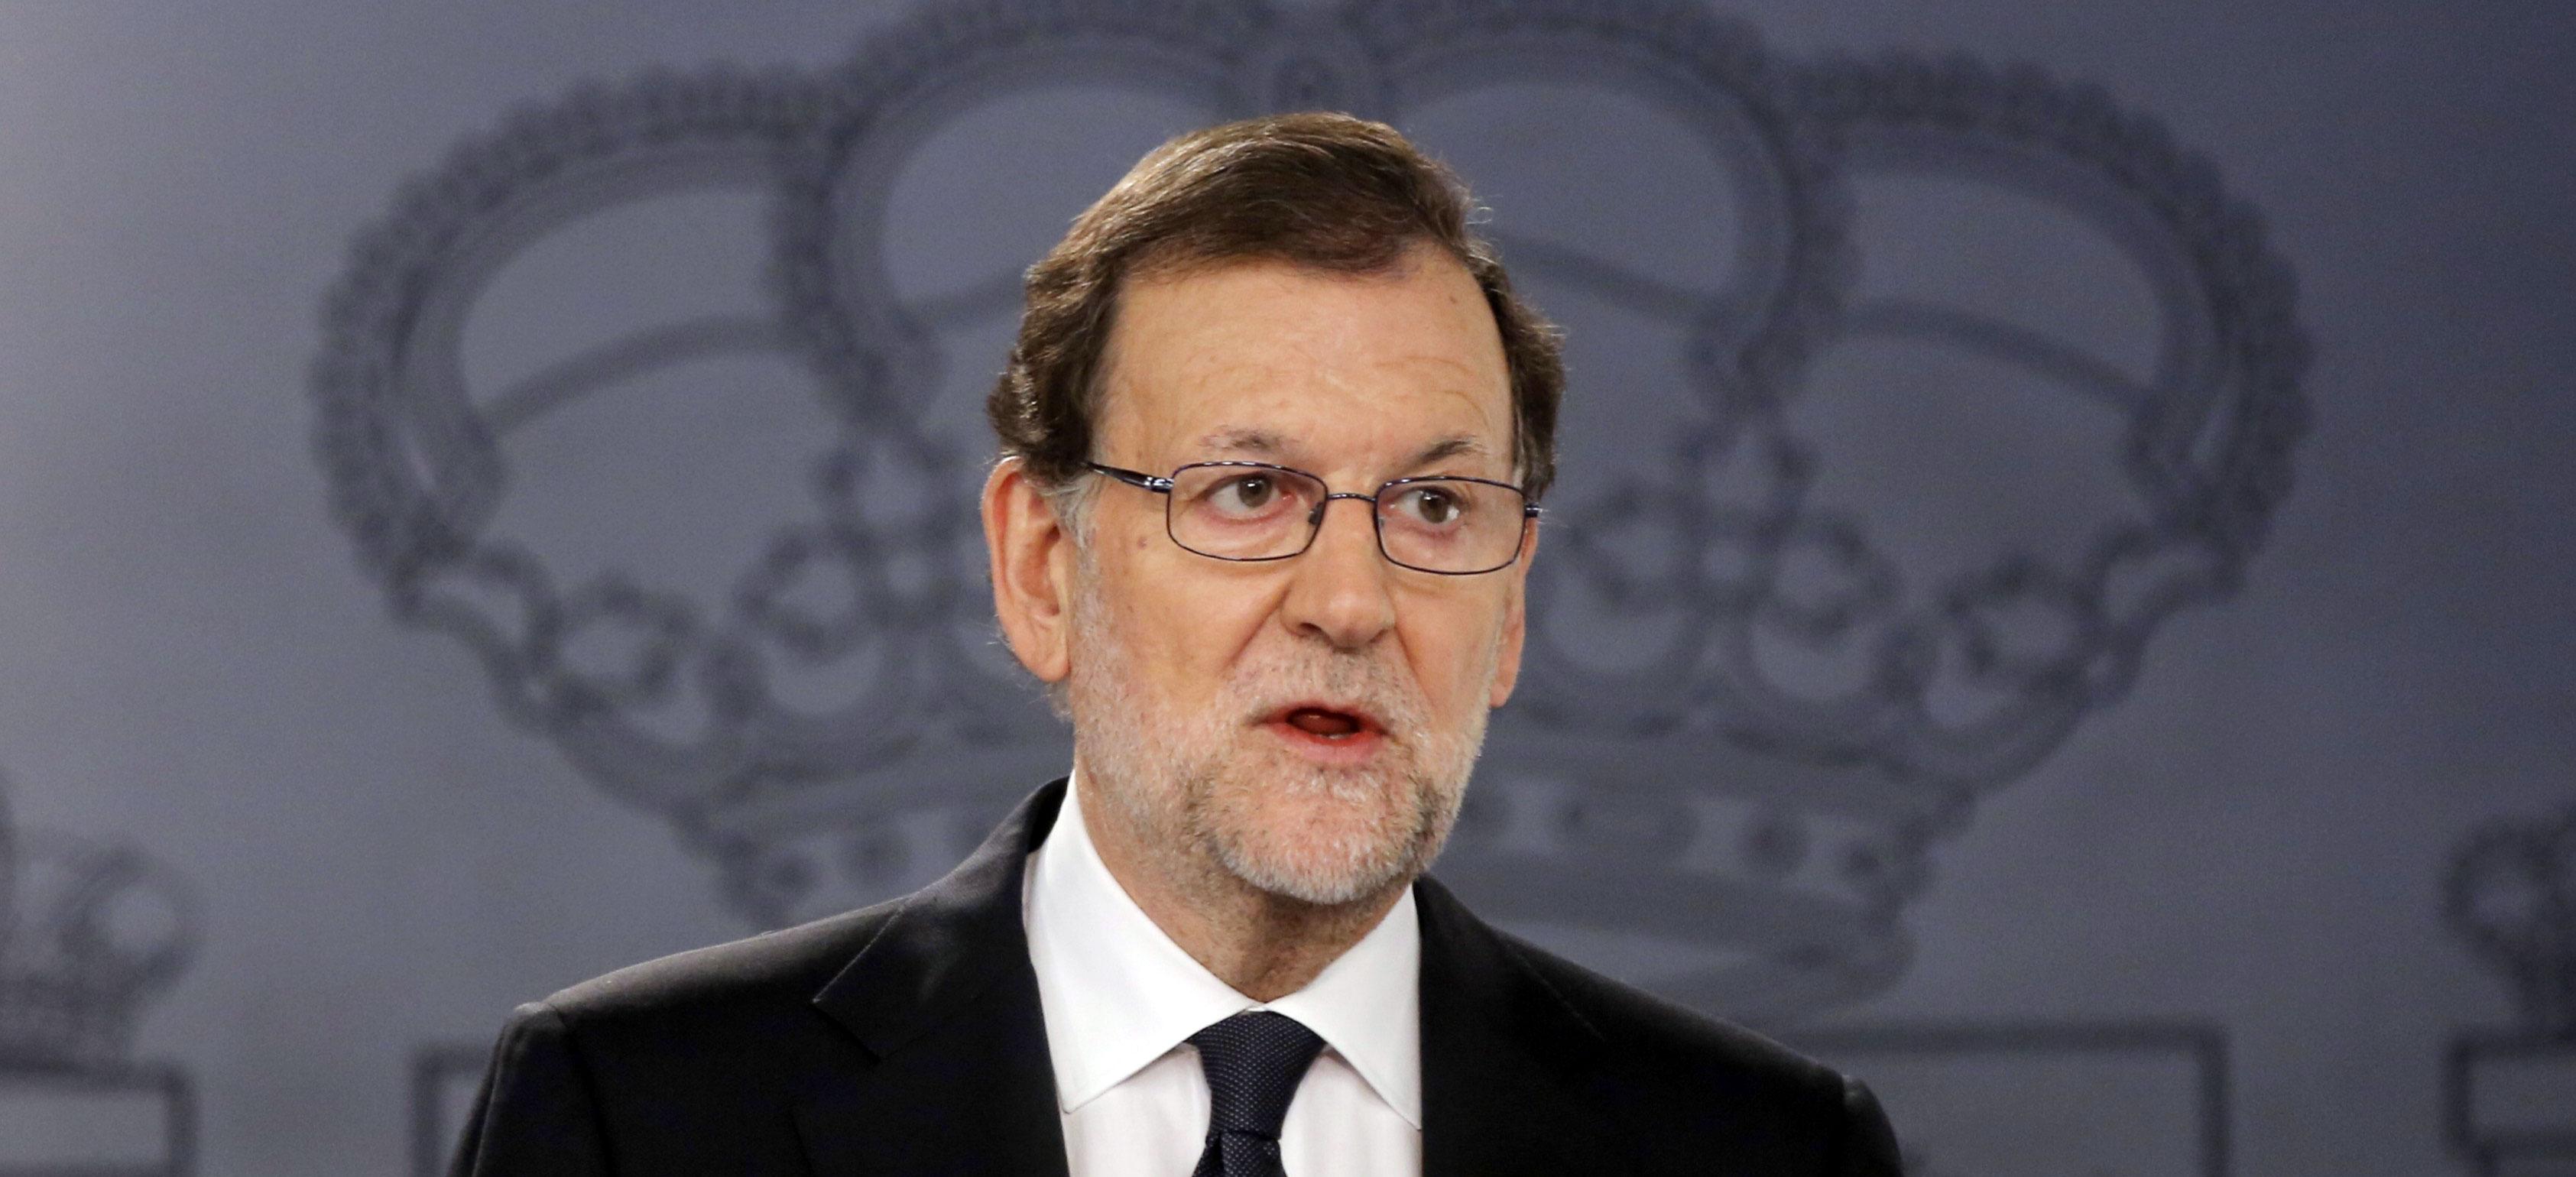 DIRECTO   Rajoy acepta el encargo del Rey para someterse a la investidura